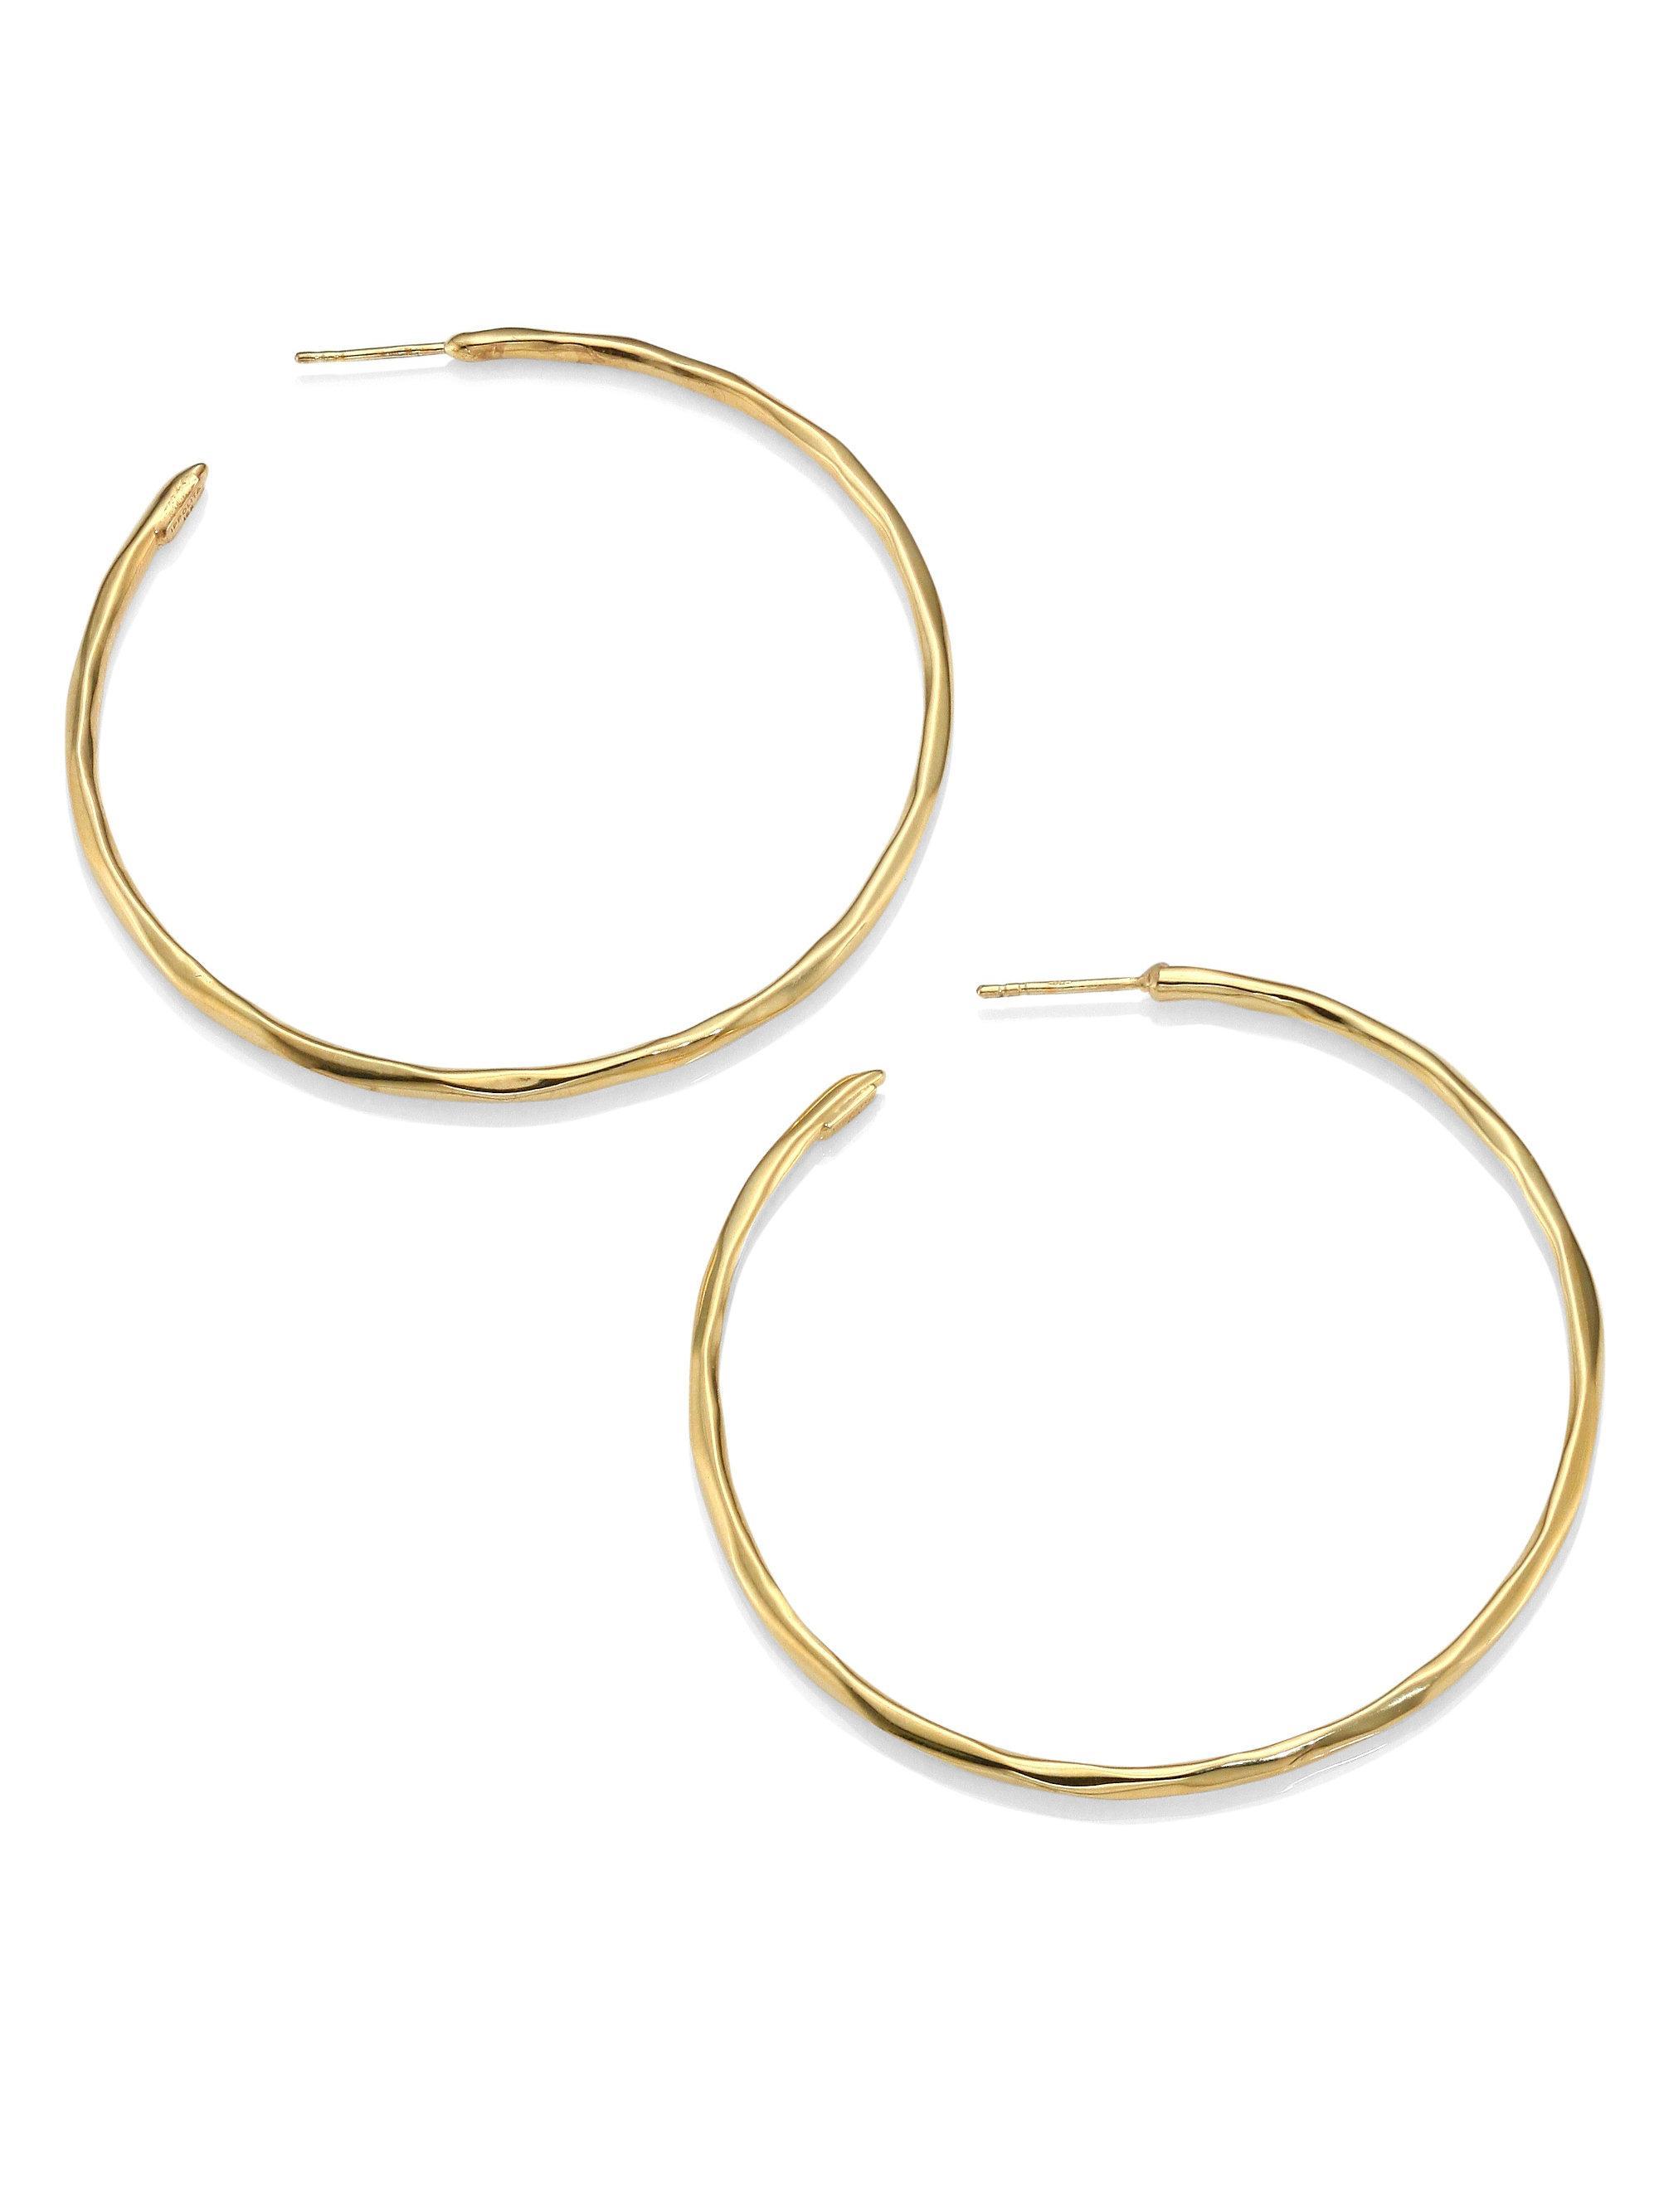 ec24dd7db7b97 Women's Metallic Glamazon 18k Yellow Gold #4 Hoop Earrings/2.3